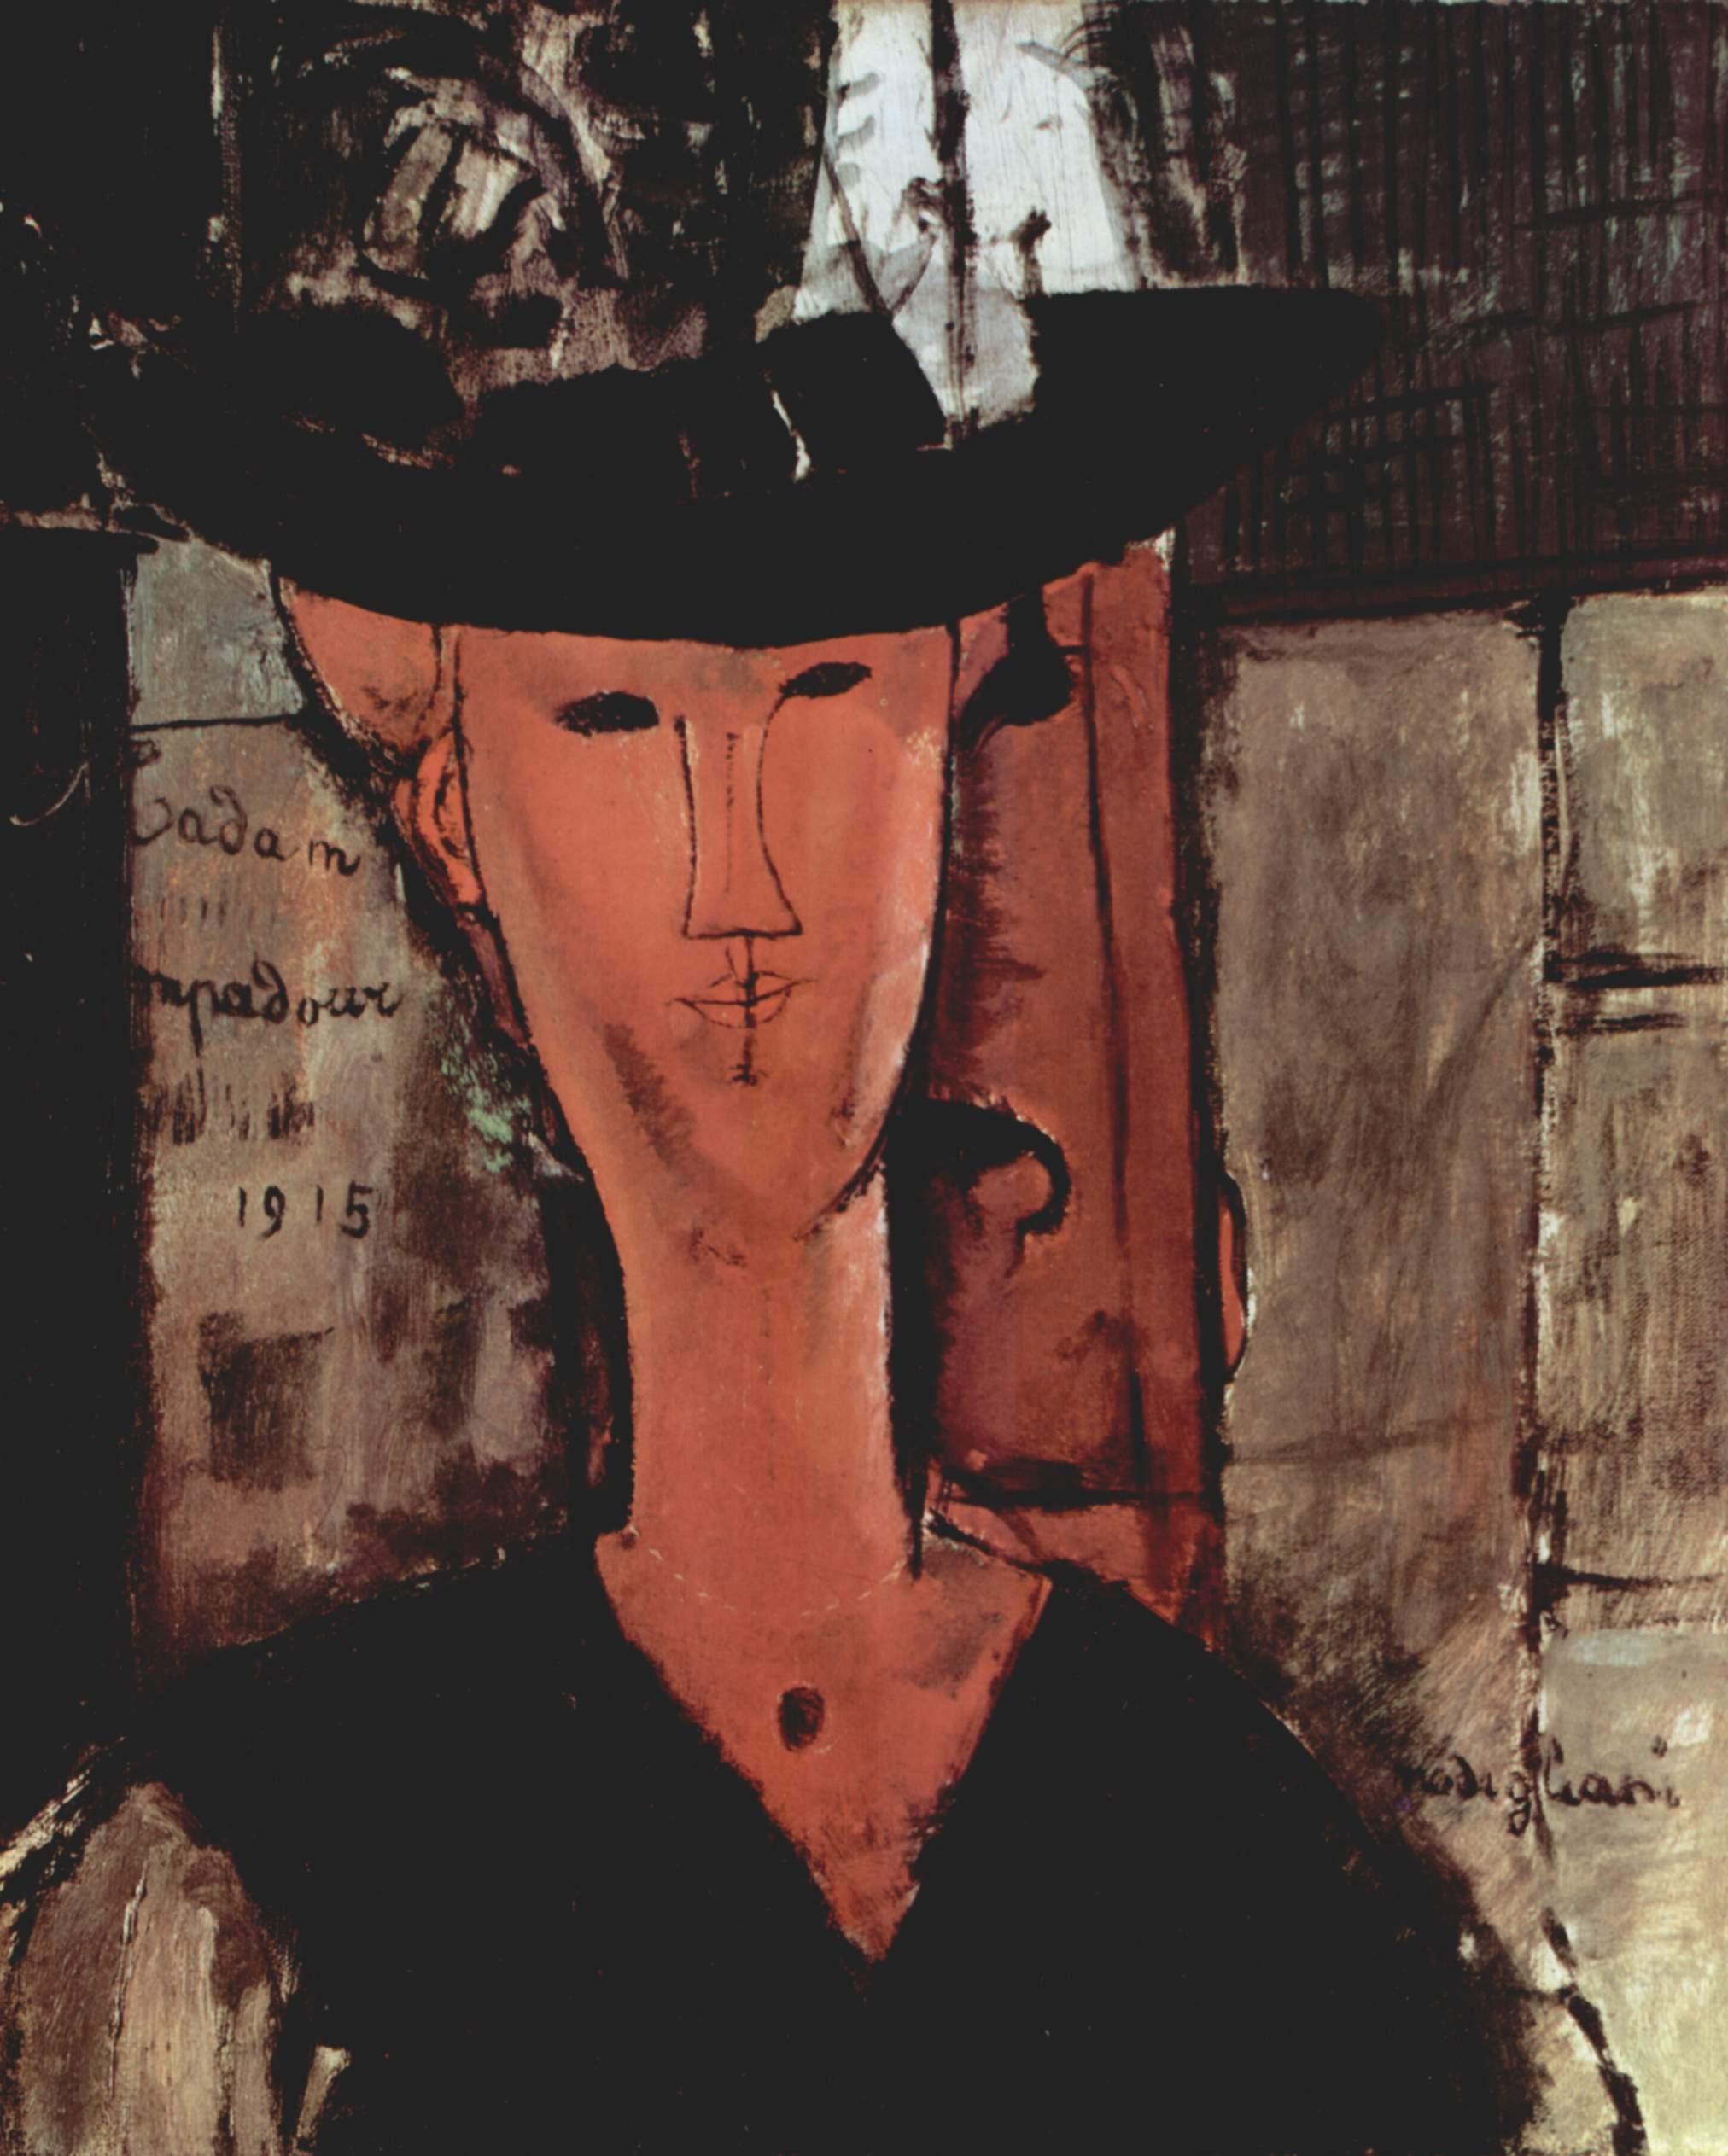 Gambar Wanita Potret Artistik Lukisan Sketsa Gambar